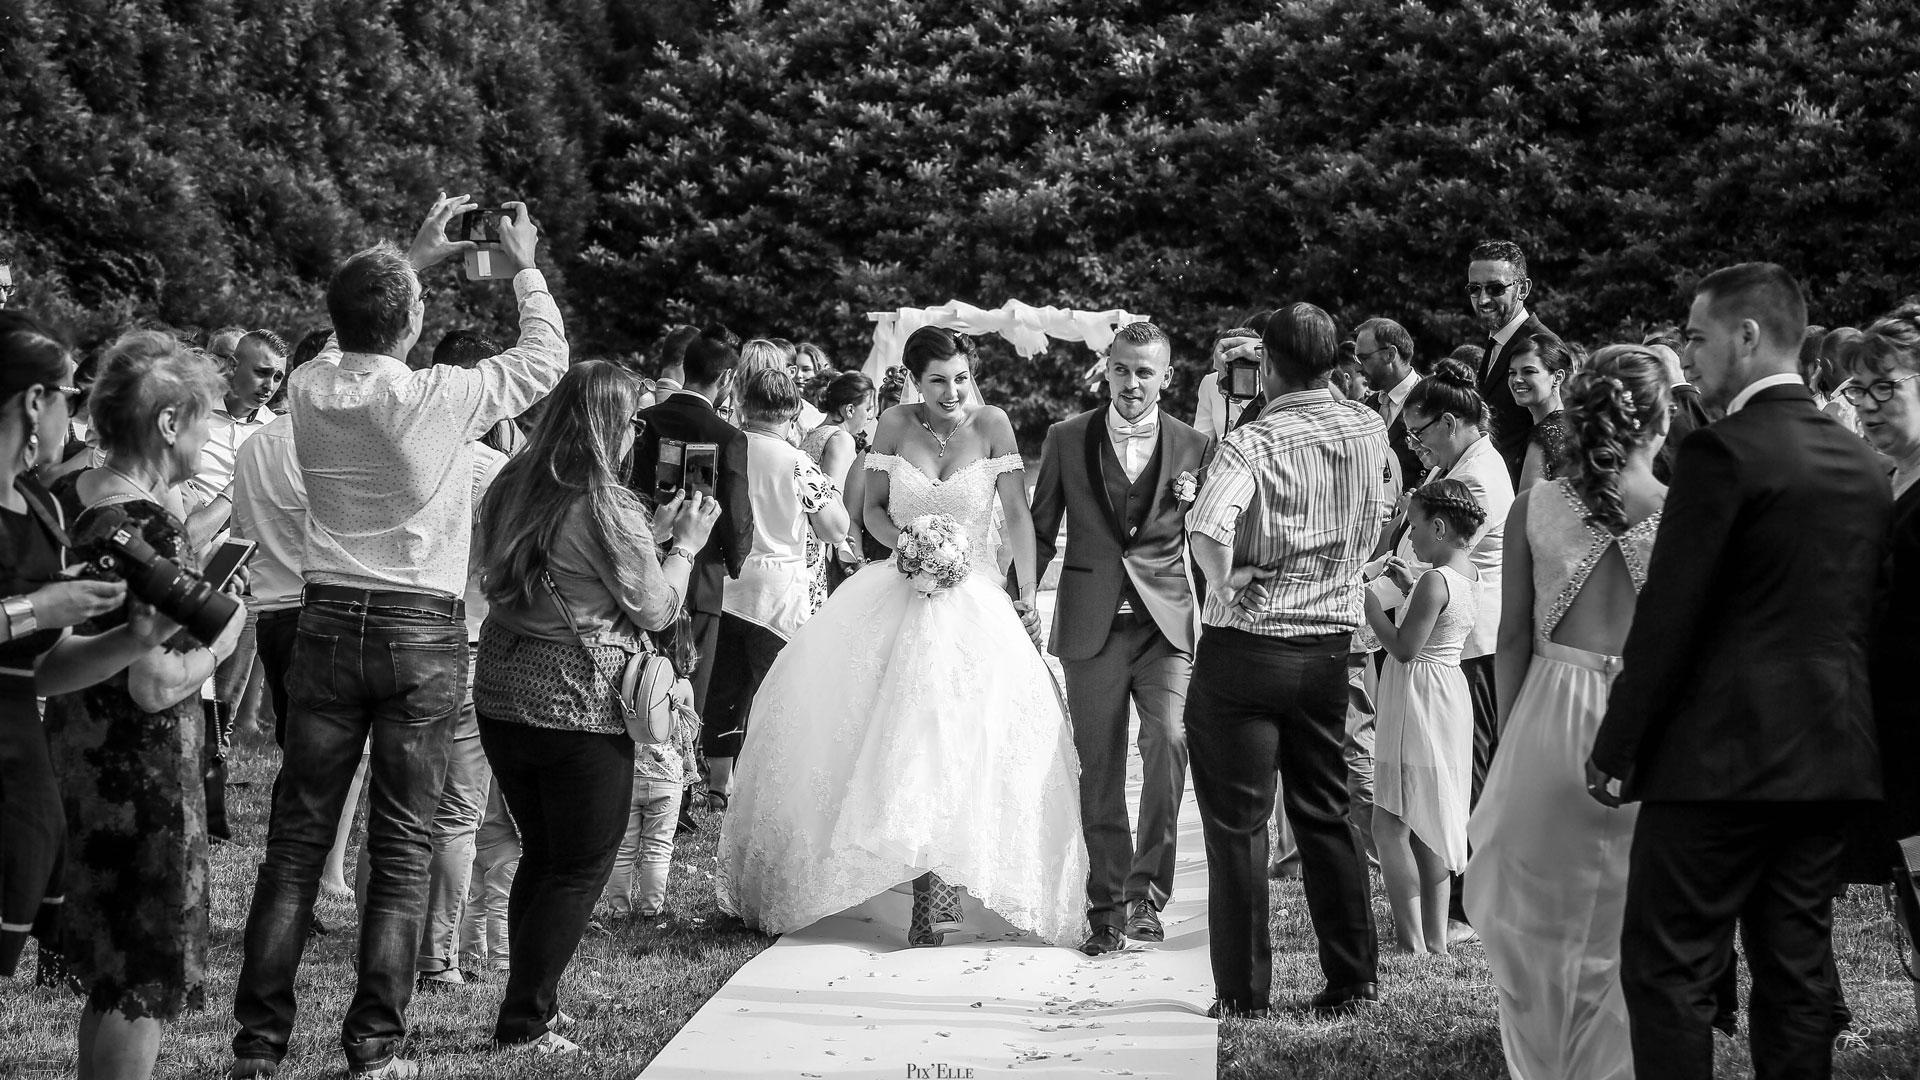 Les mariés à la sortie de la cérémonie laïque Perfect Moment by A Wedding planner Reims